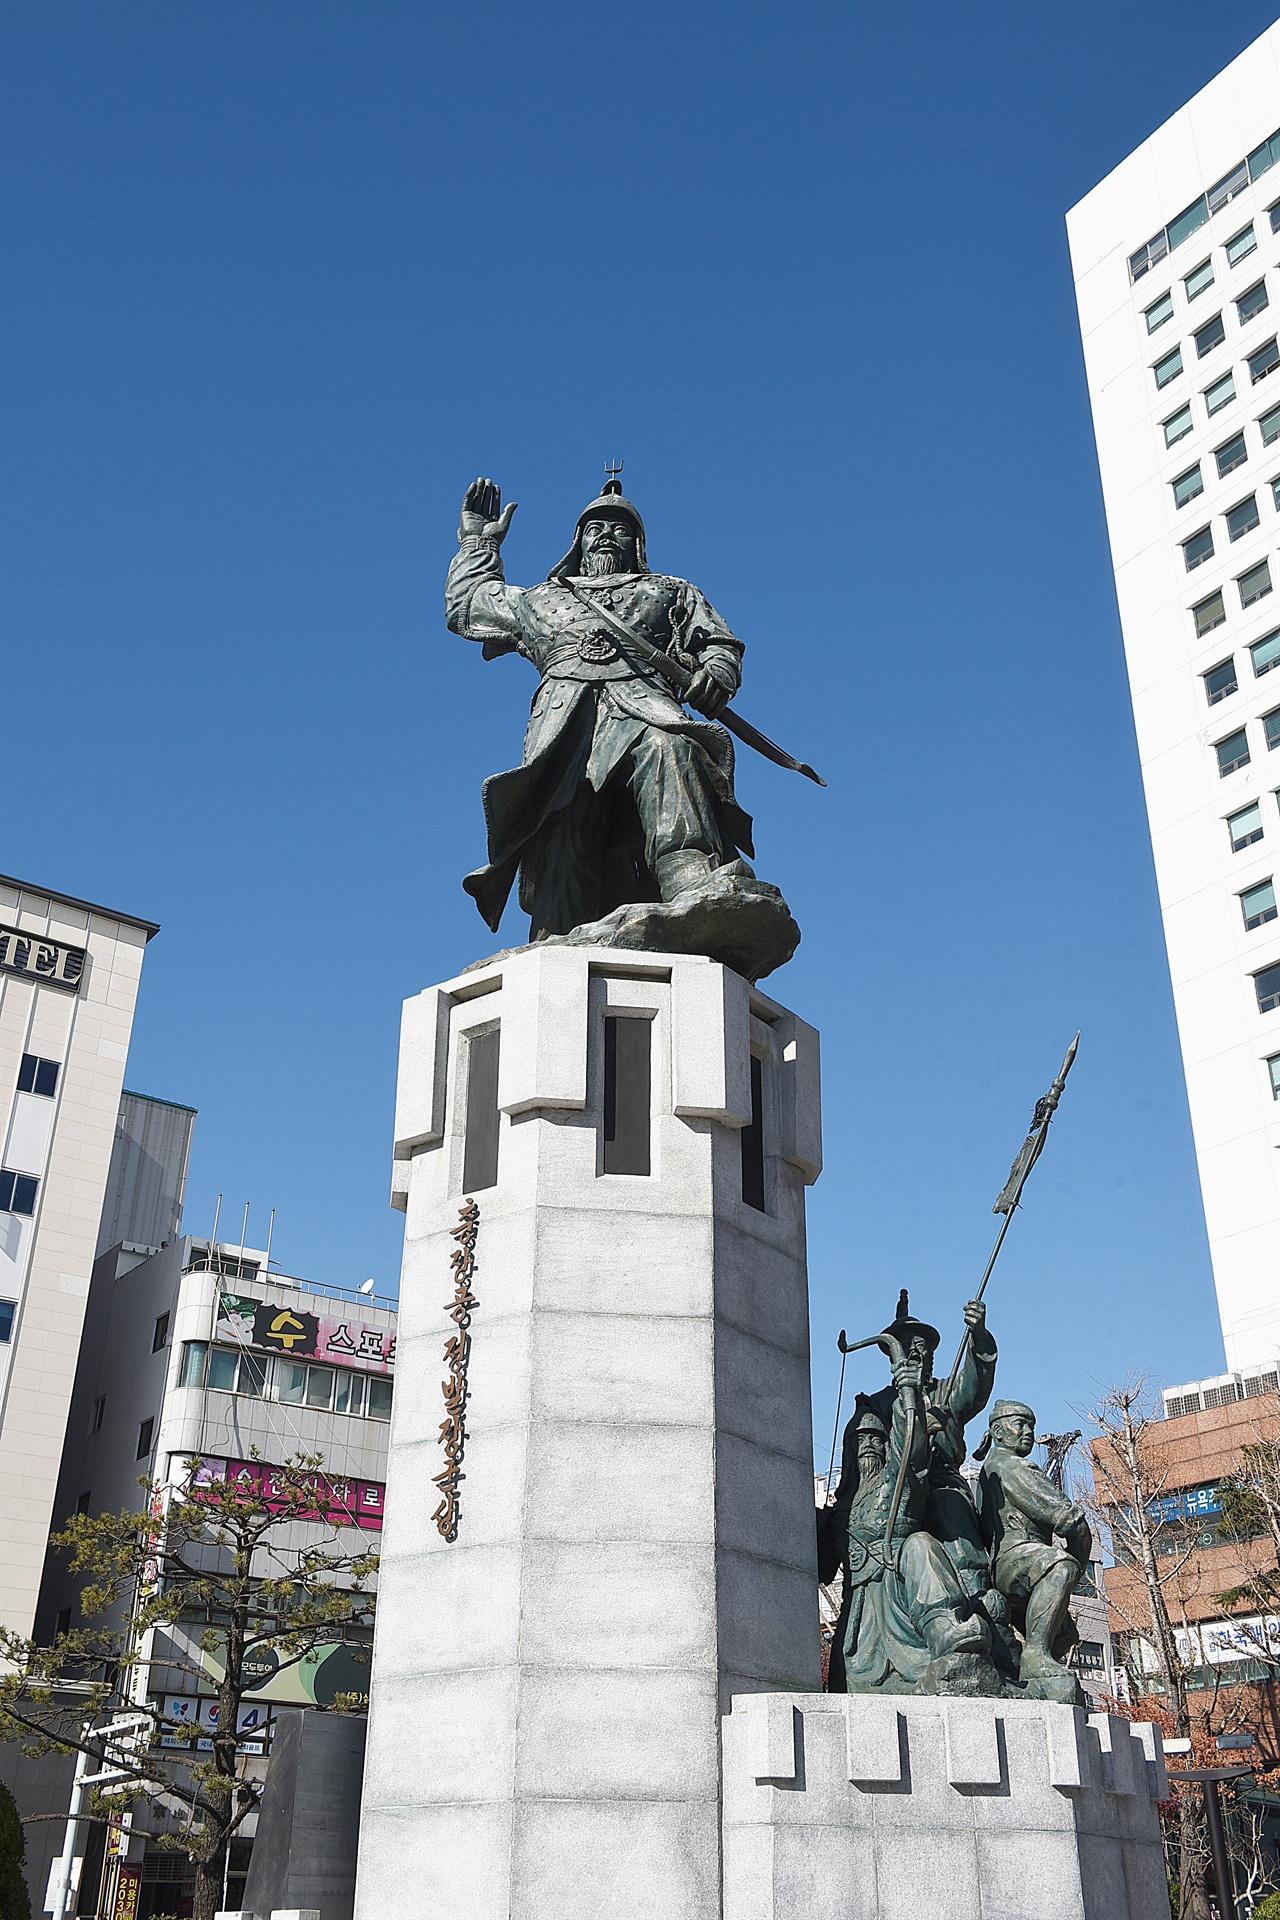 정발장군 동상 임진왜란 당시 왜군과 맞서 싸우다 전사한 정발장군의 동상. 일본영사관 입구에 서 있다